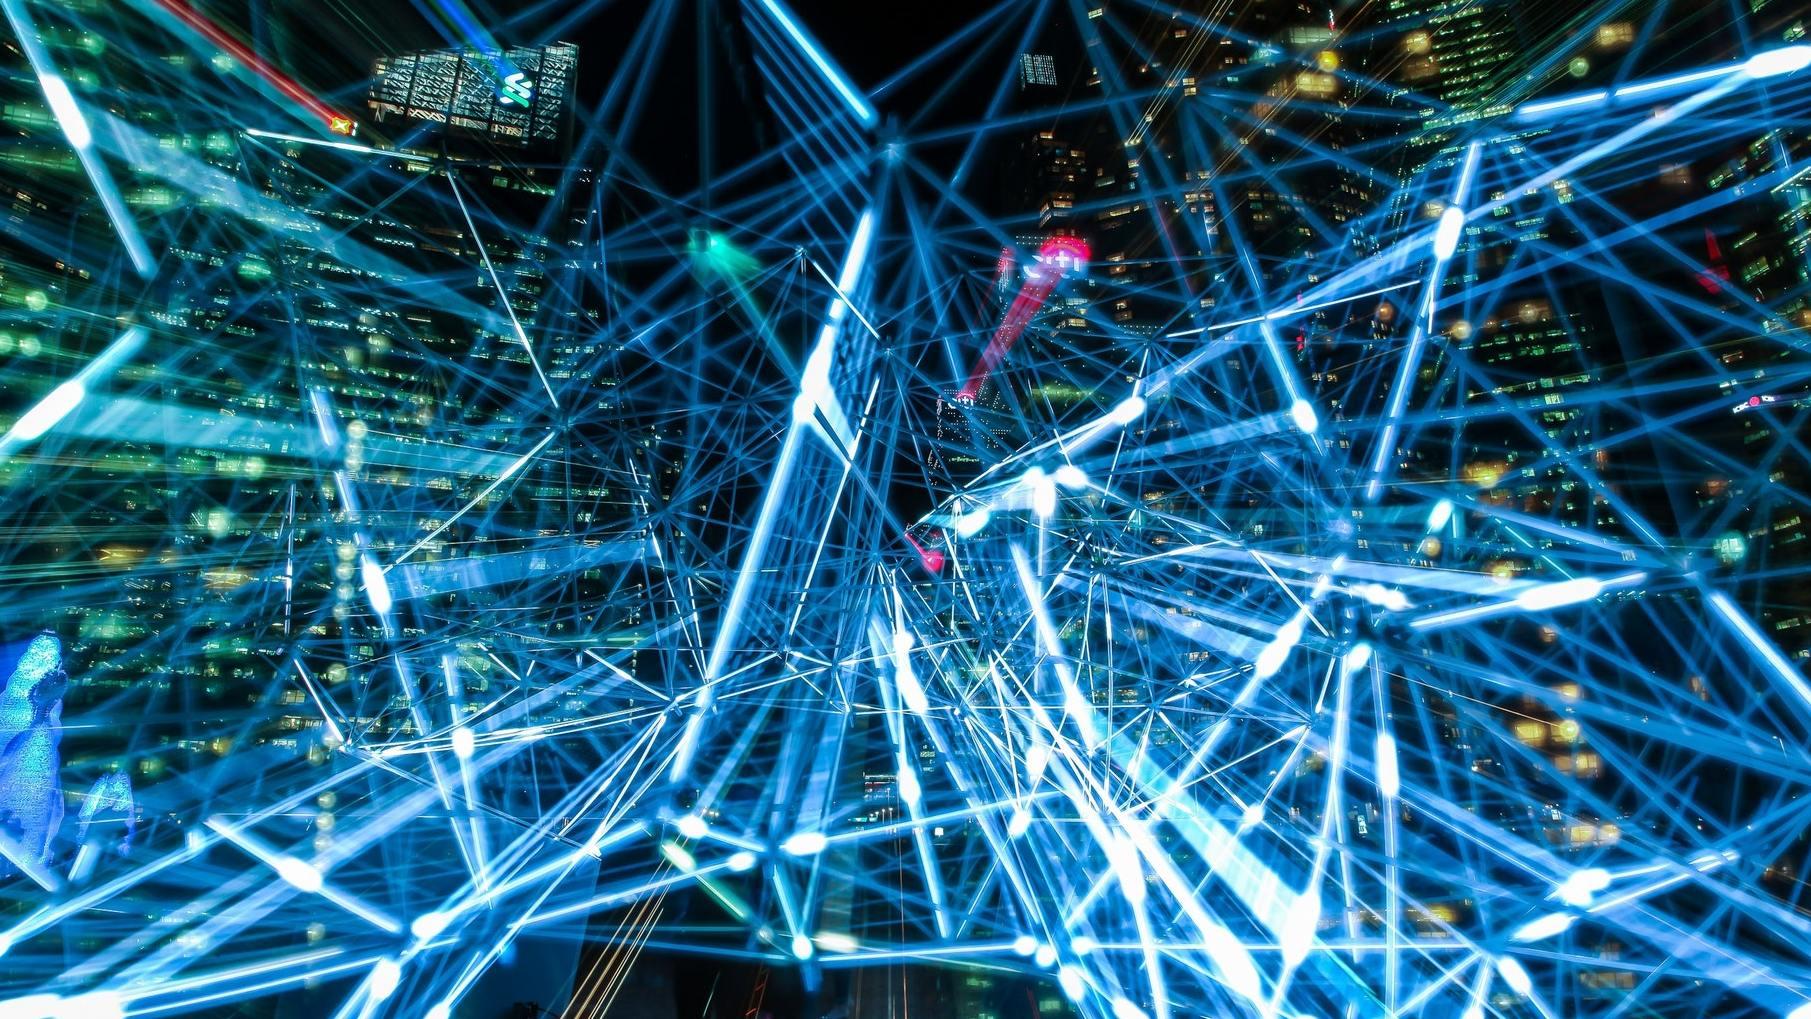 新浪科技2019视频:回眸2019,时代被科技重构